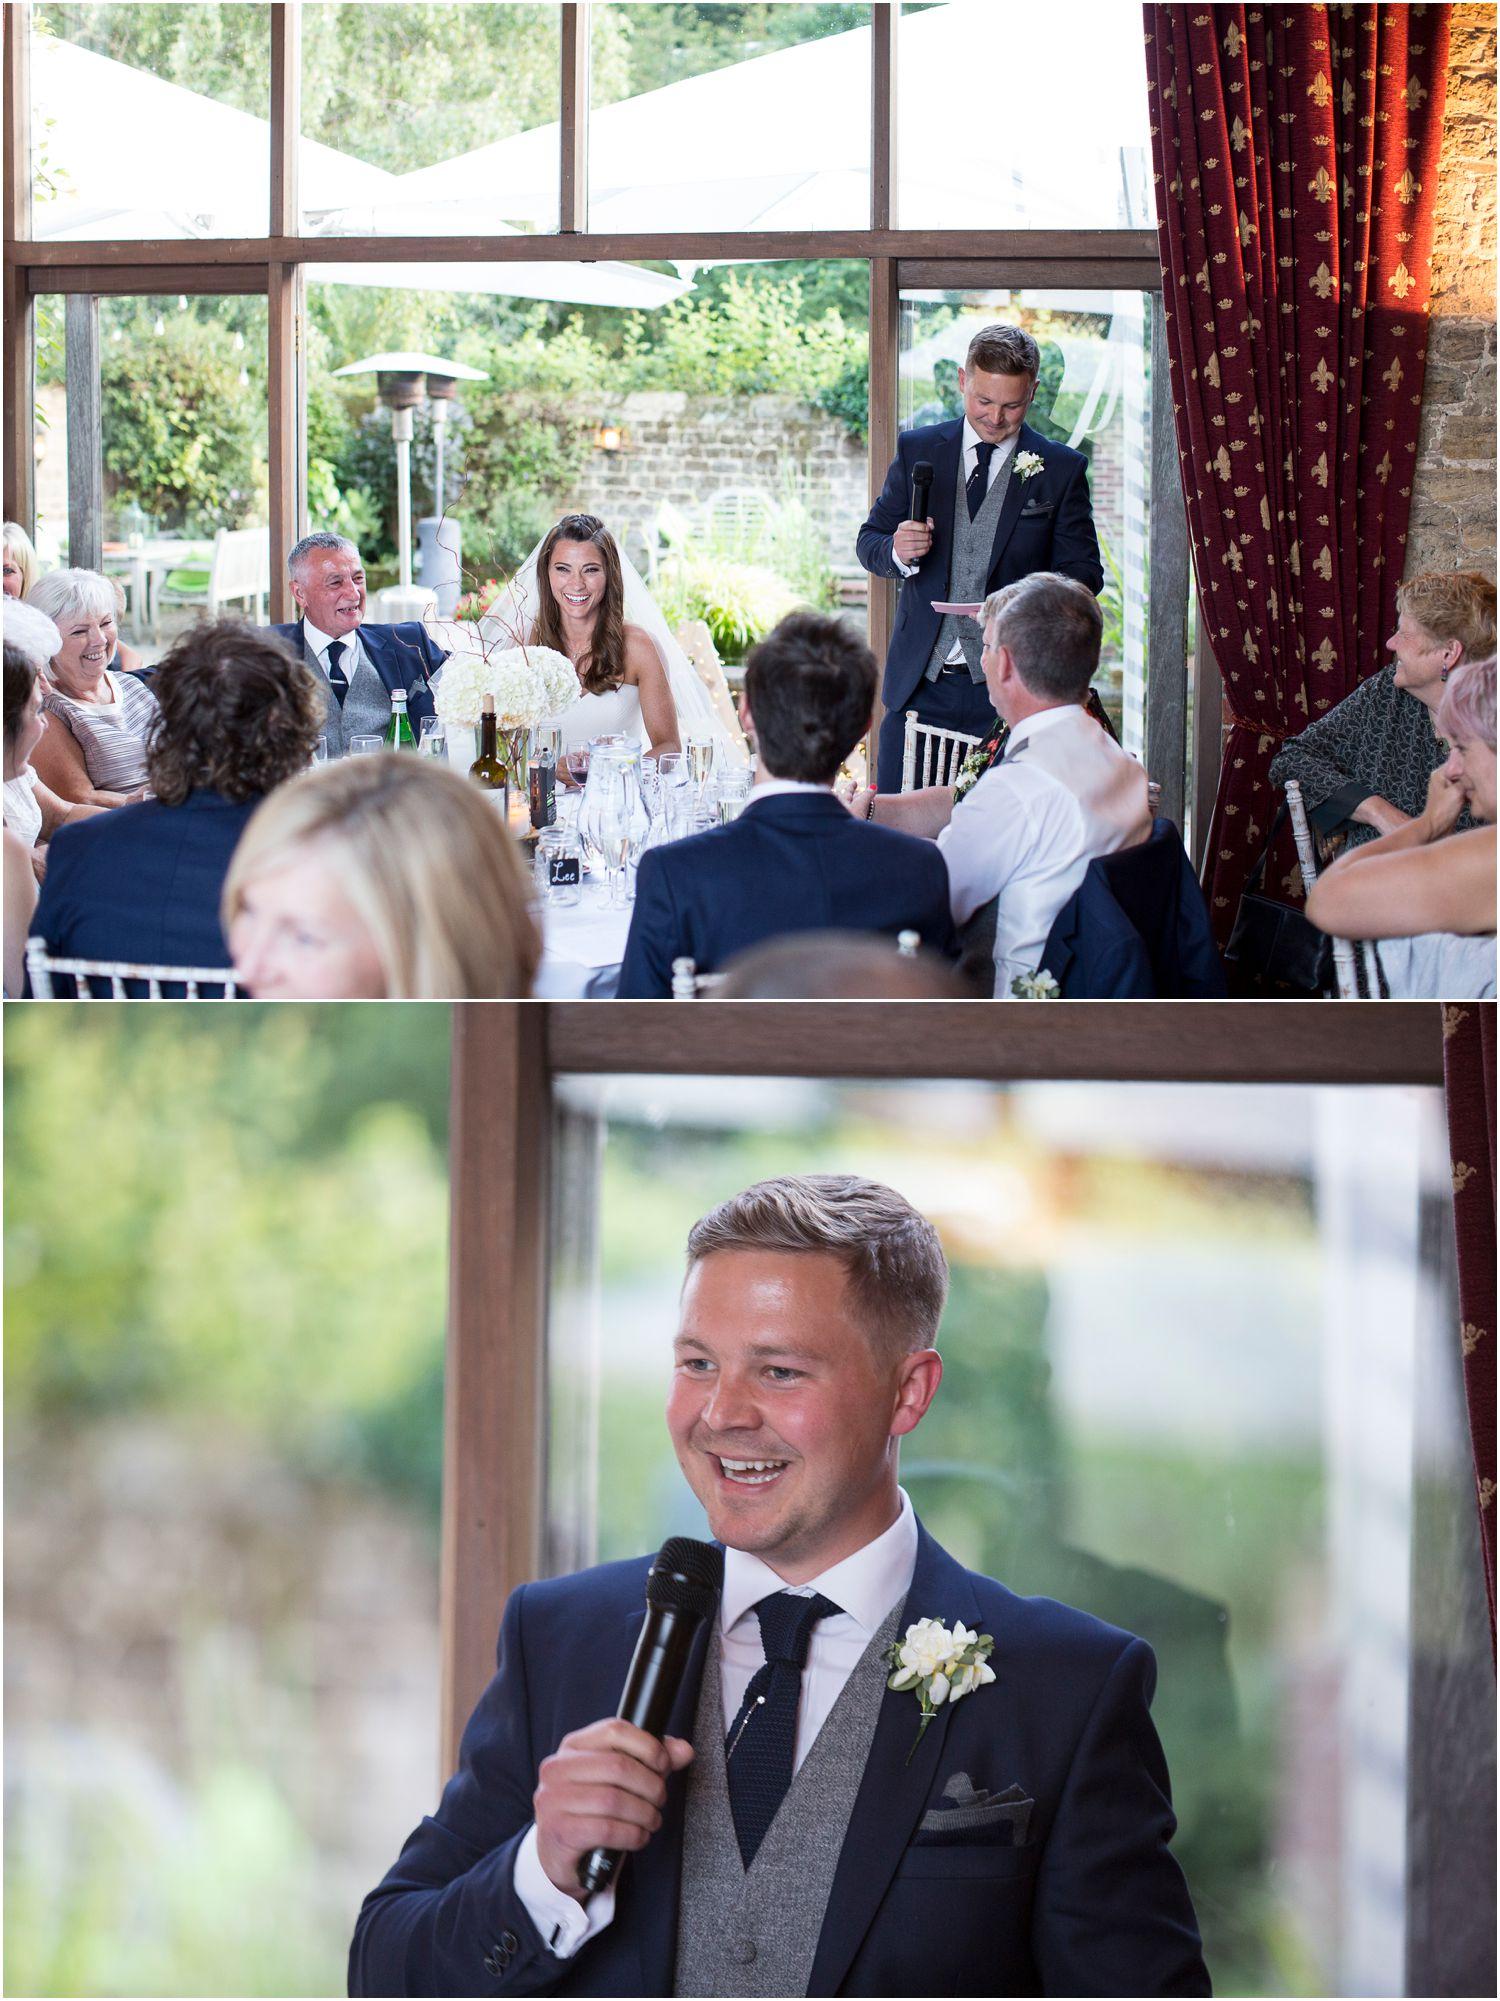 wedding speeches at bartholomew barn